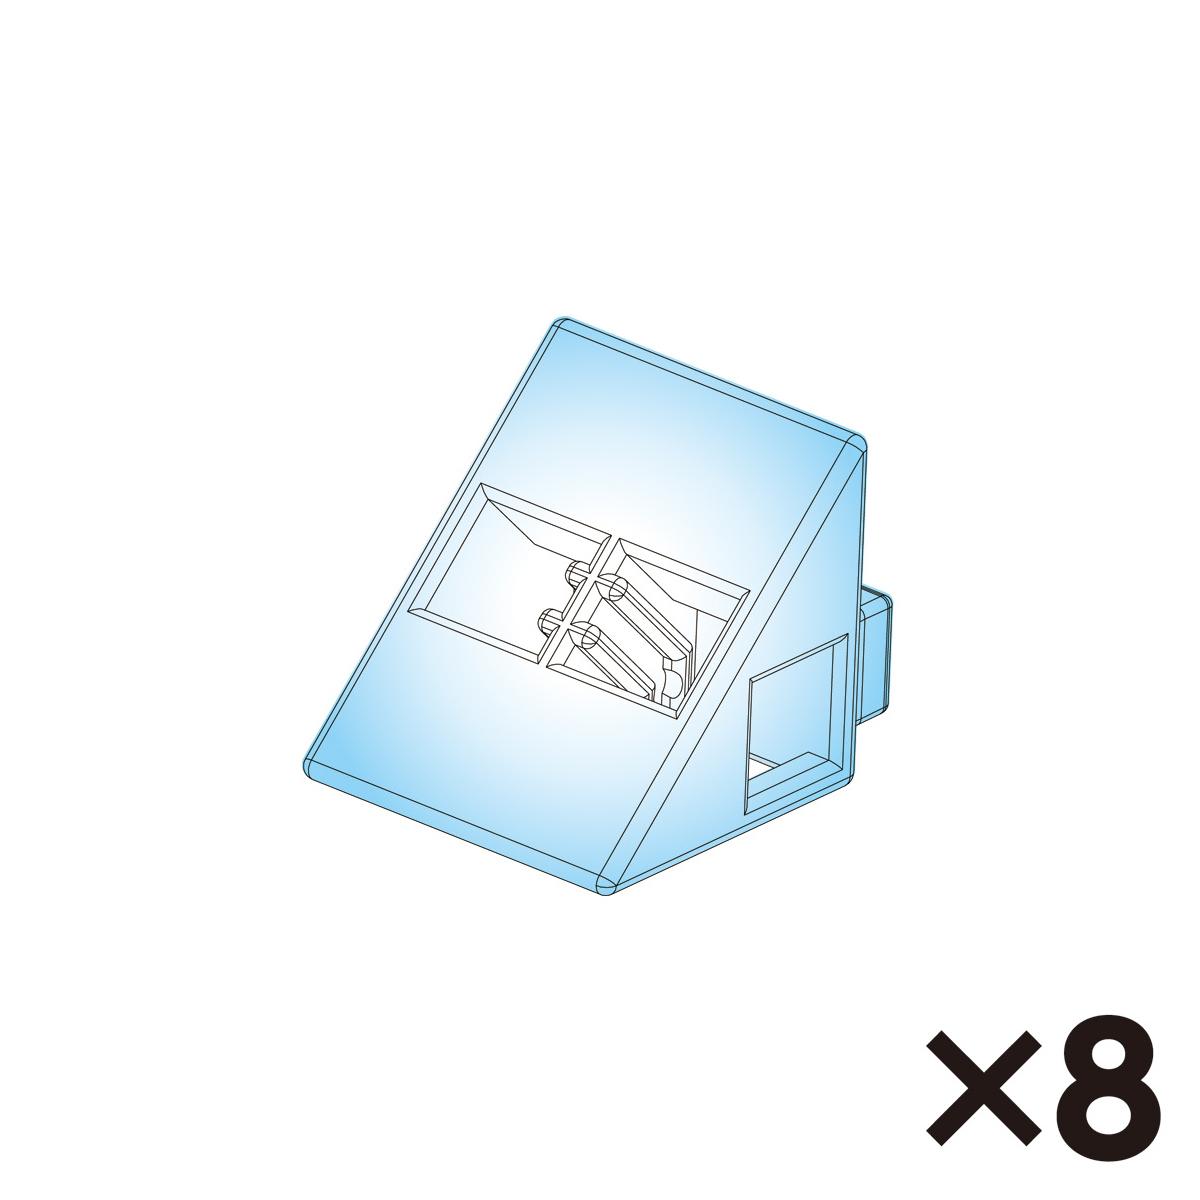 アーテックブロック部品 三角A 単品 クリア 8pc 日本製 ゲーム 玩具 レゴ・レゴブロックのように遊べます